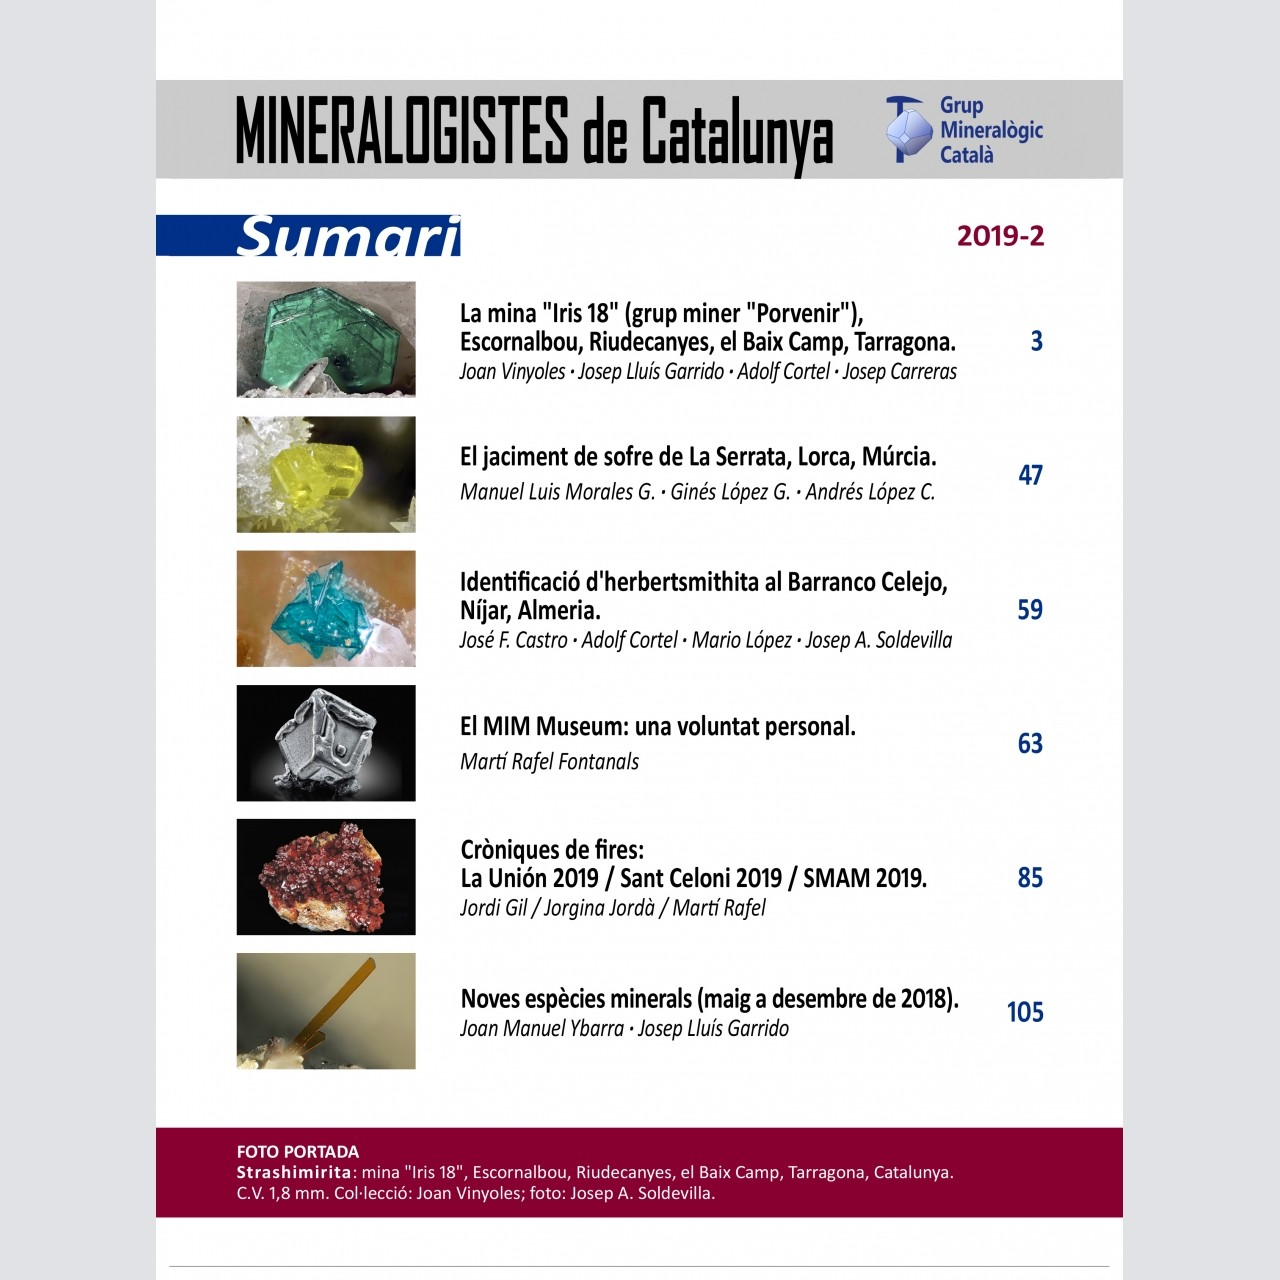 <em>Mineralogistes de Catalunya</em> (2019-2)